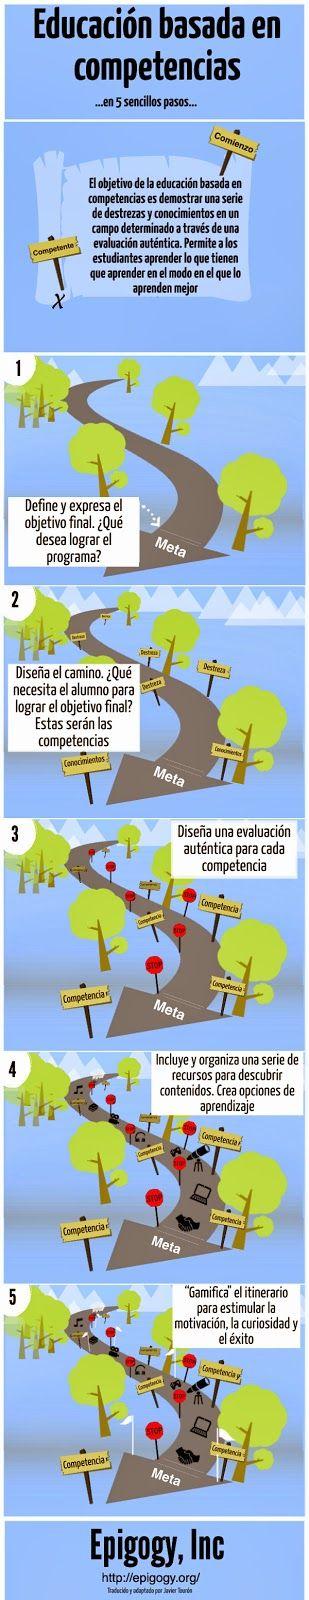 Educación basada en competencias. Blog de Javier Tourón.